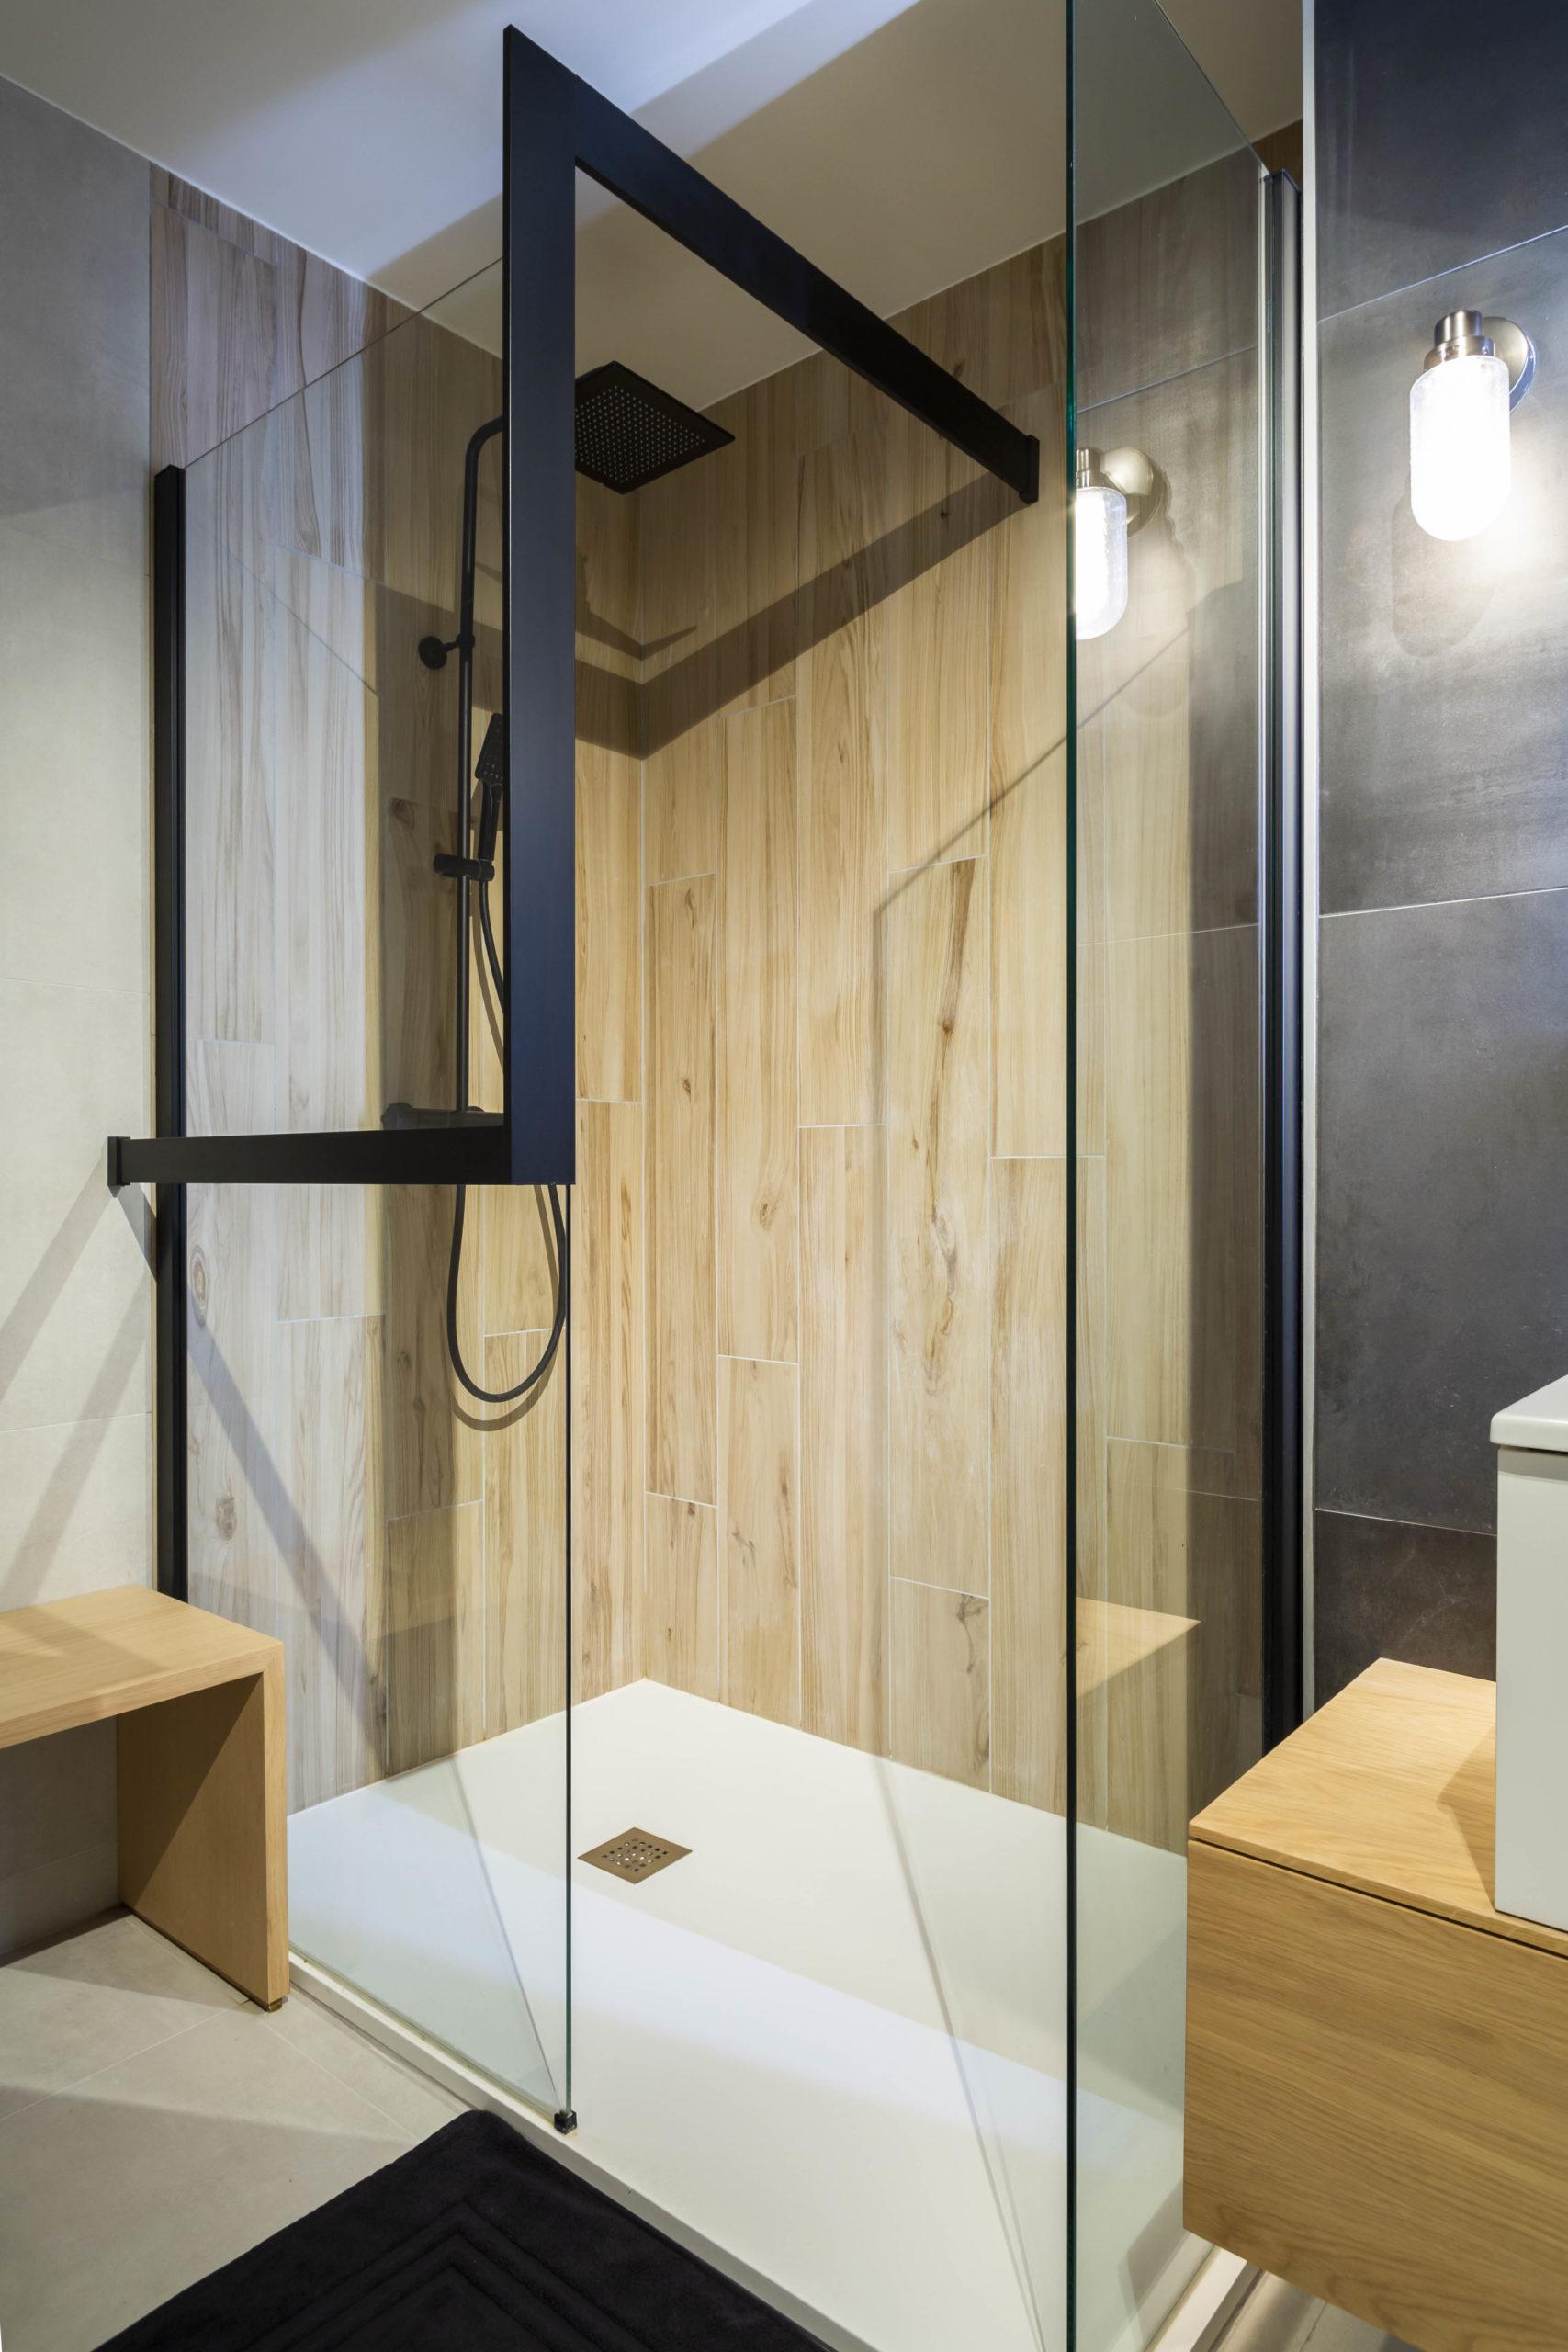 Atelier Plurielles Architectures Réaménagement appartement Anglet - douche (2)